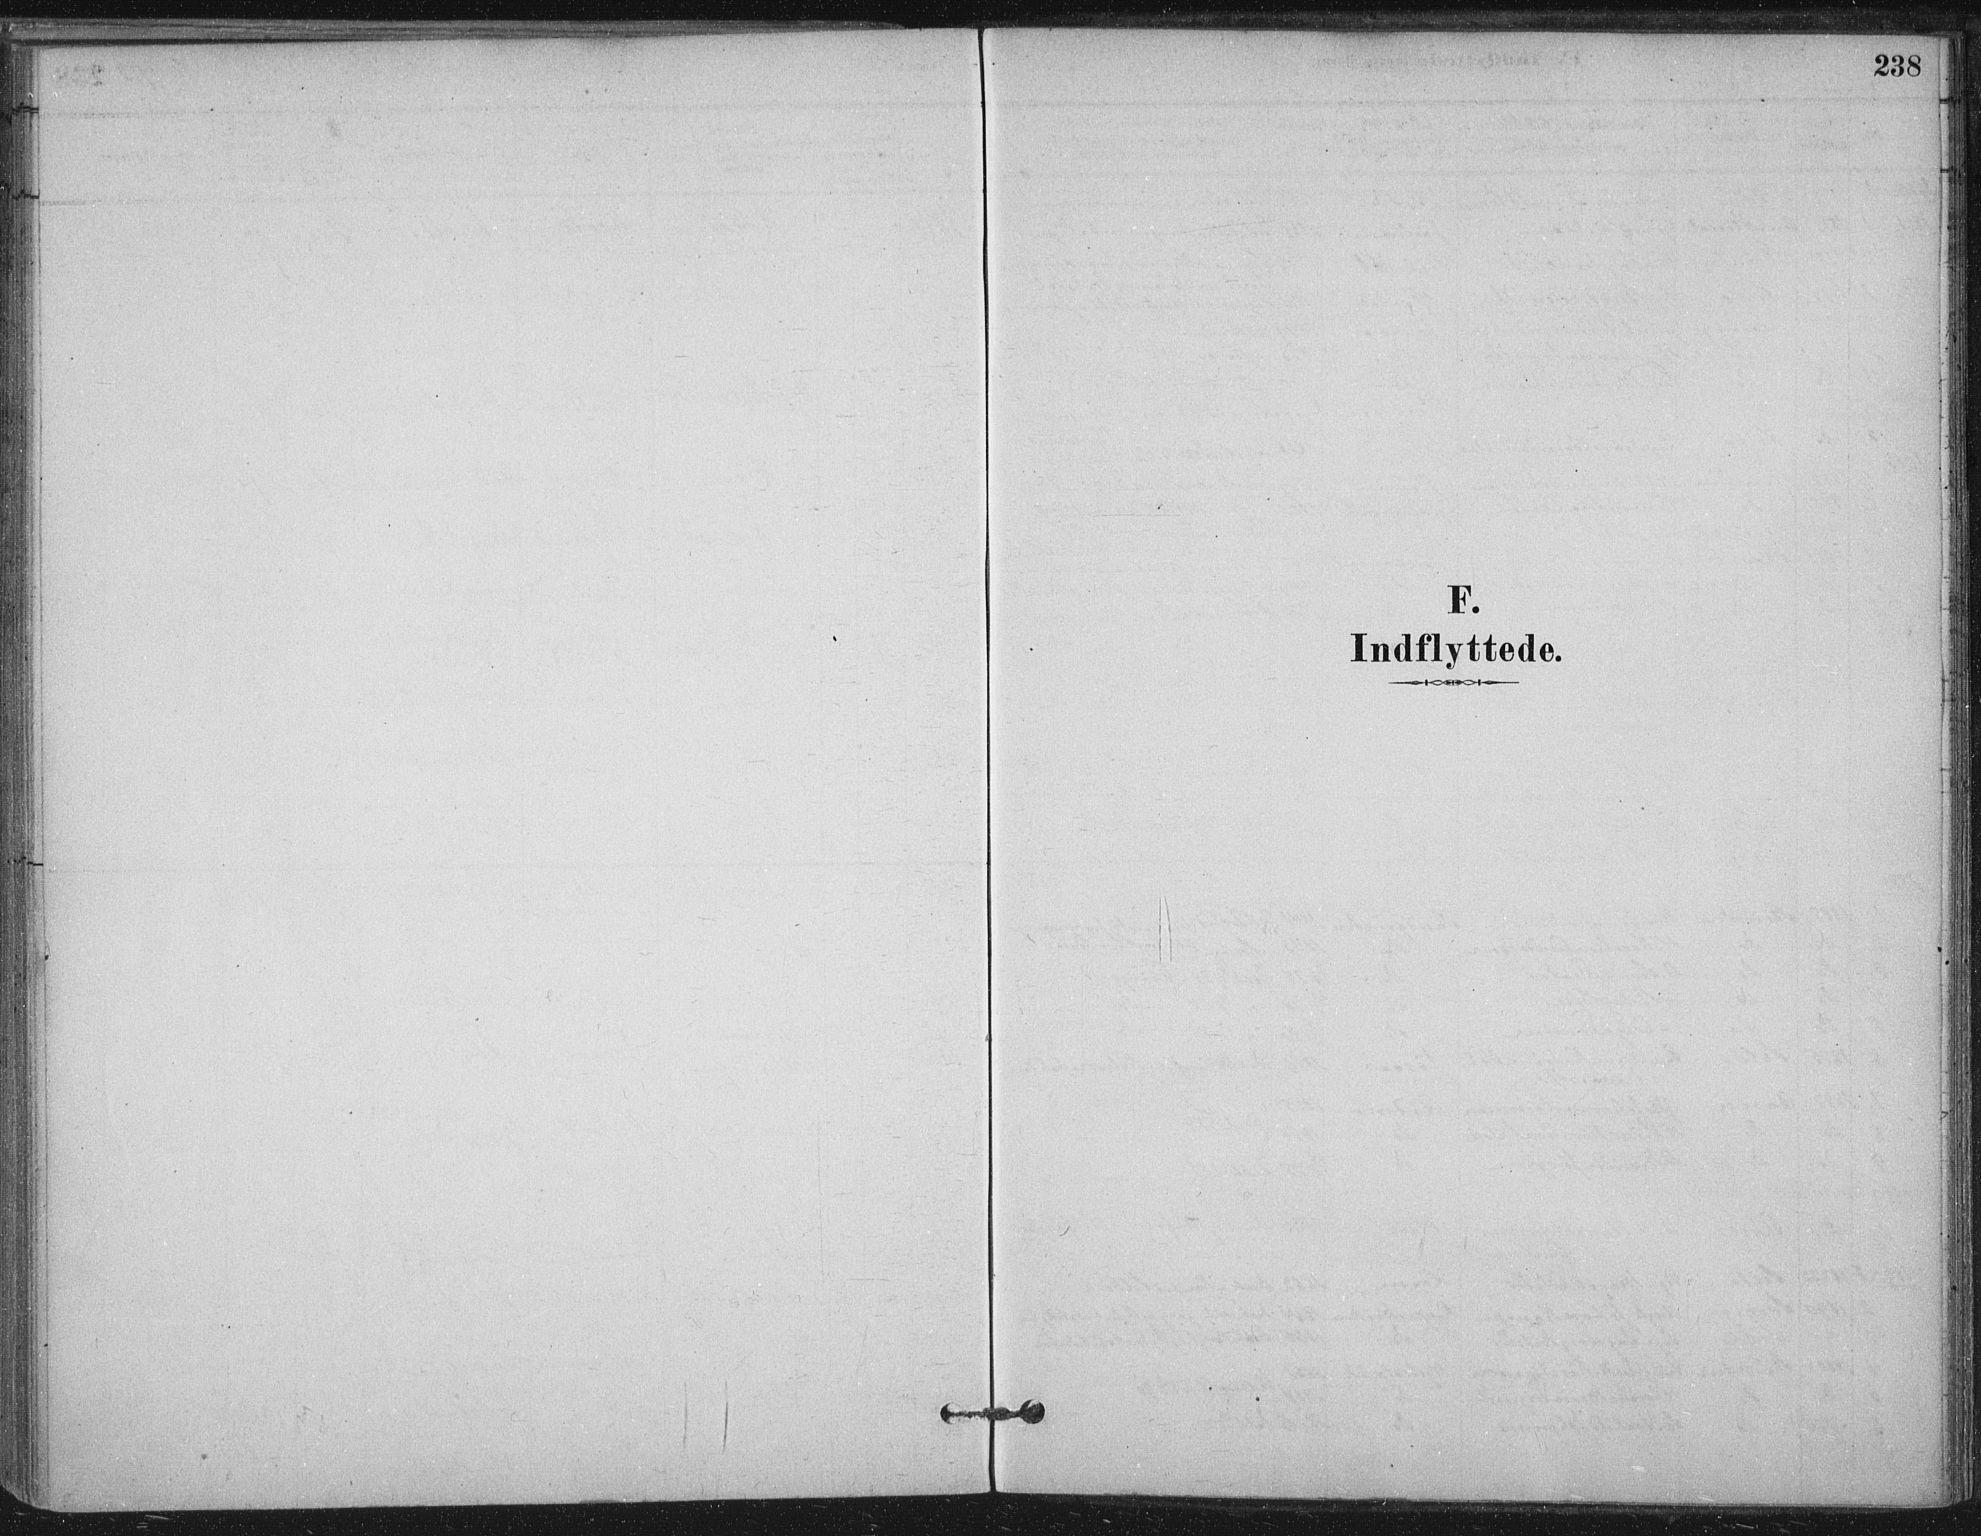 SAT, Ministerialprotokoller, klokkerbøker og fødselsregistre - Nord-Trøndelag, 710/L0095: Ministerialbok nr. 710A01, 1880-1914, s. 238